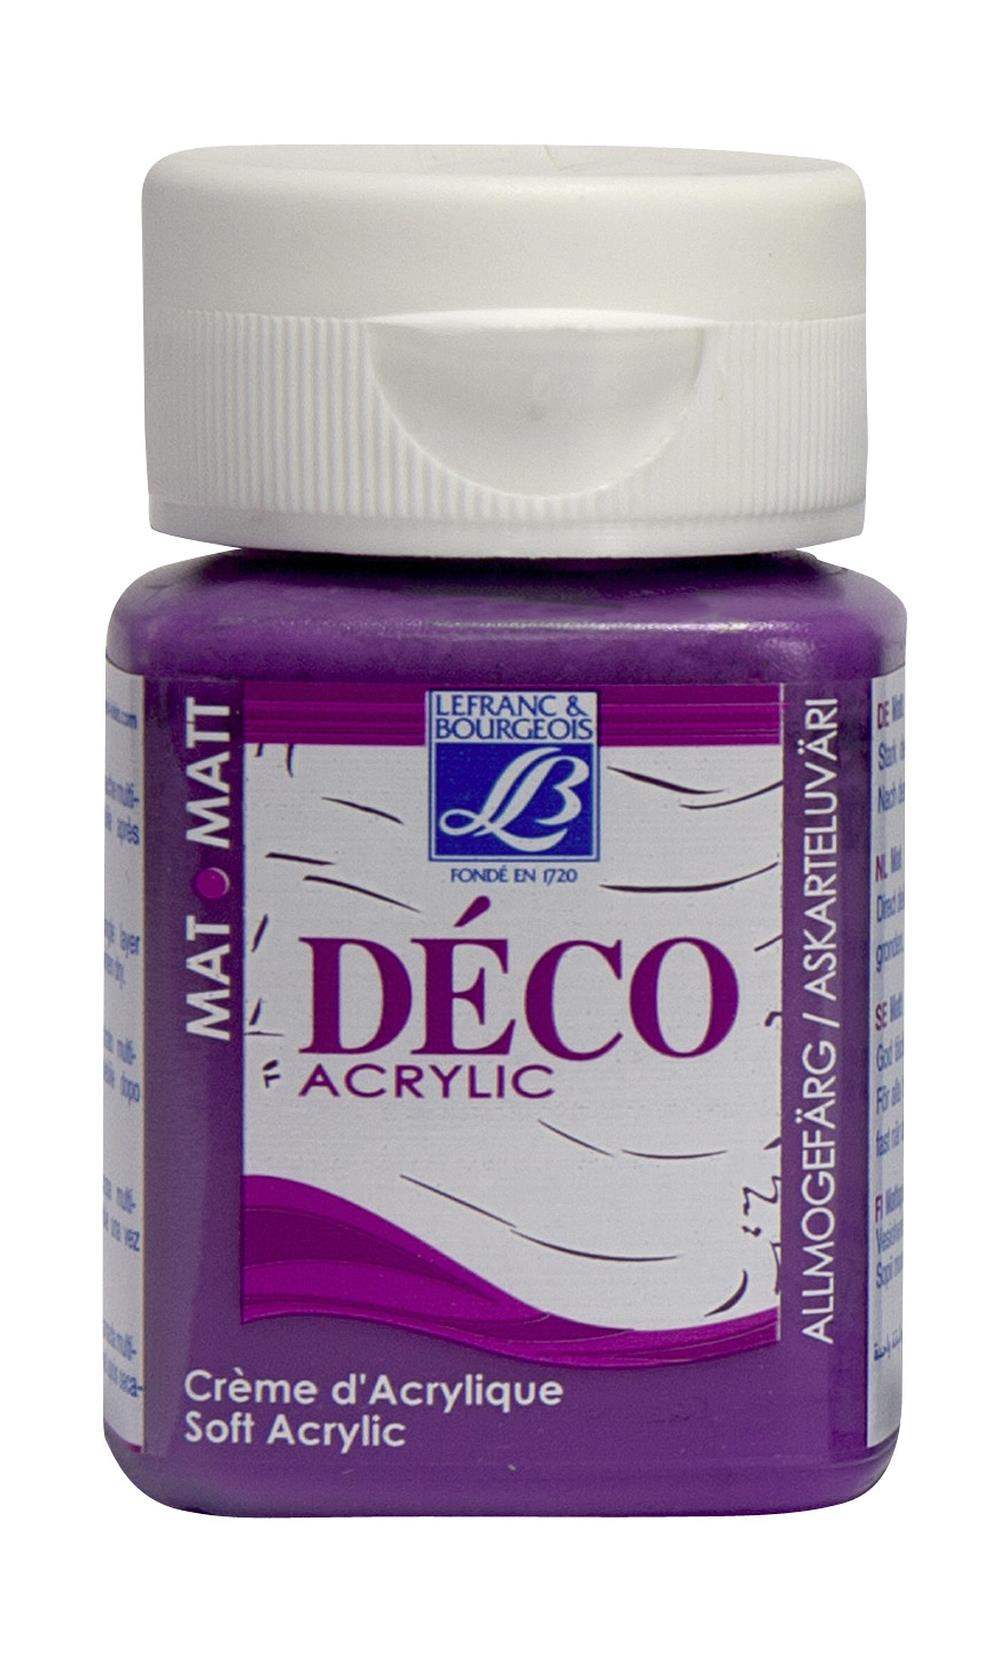 Hobbyfärg L&B Deco Matt Akryl 50ml Lilac intensive 660 (4F) Utgår